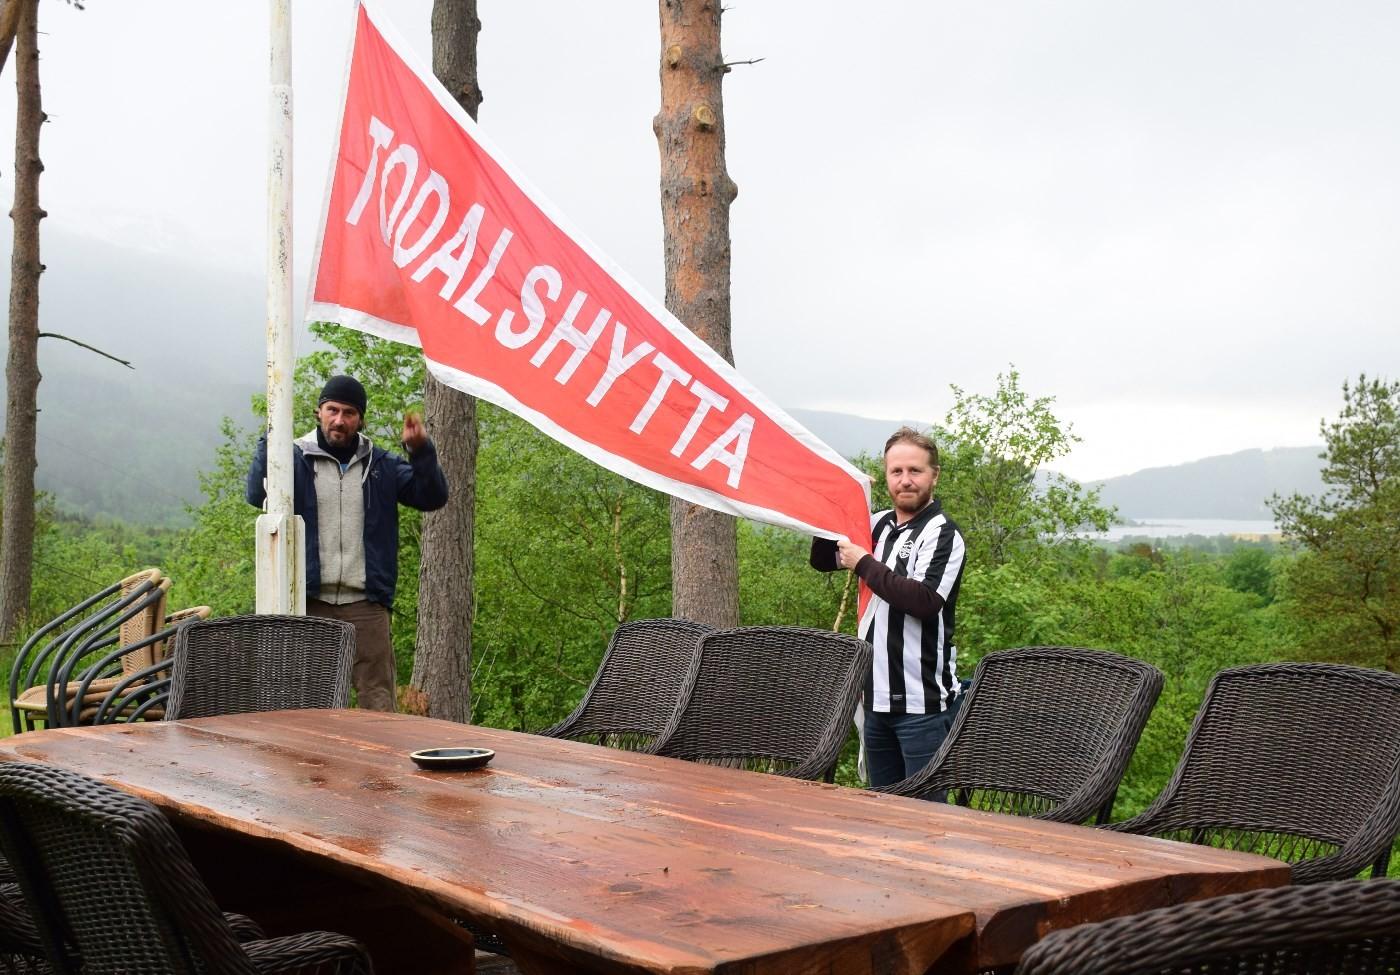 Todalshytta opna for sesongen i dag - her får Eric Malling hjelp frå Knut Bergli til å heise vimpelen og markere at ny sesong er i gang.  Foto: Jon Olav Ørsal